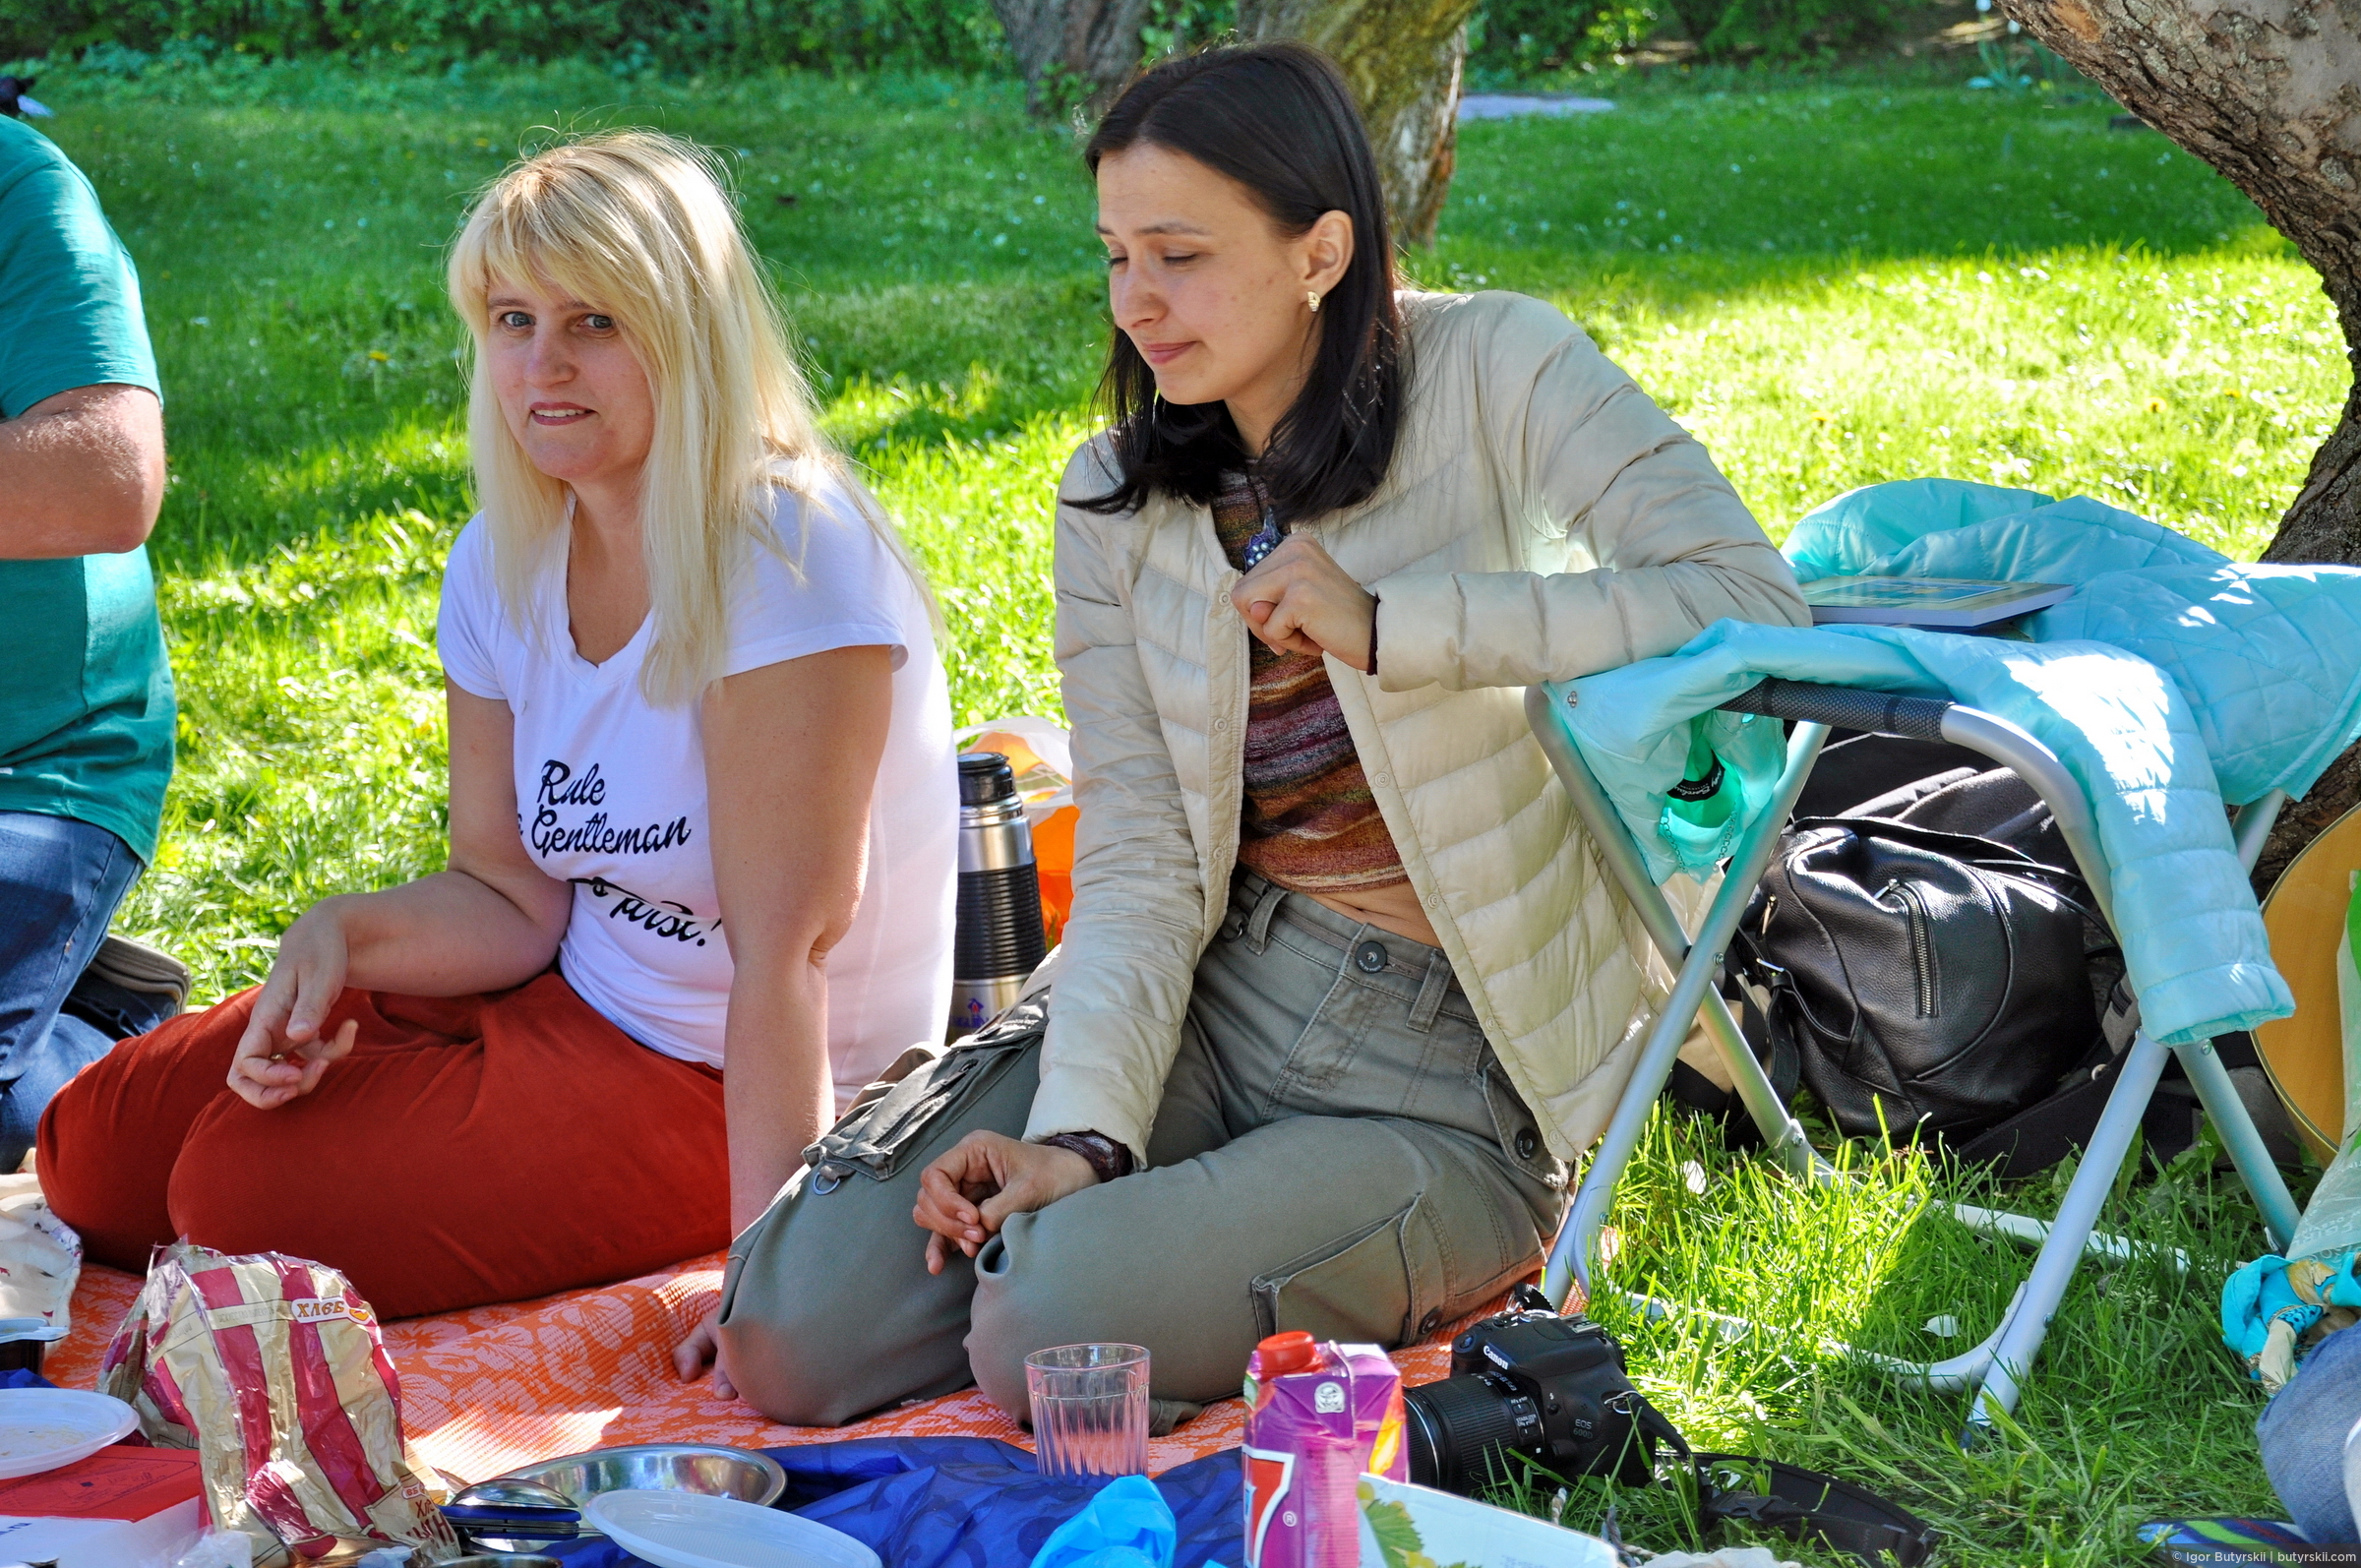 """Анна (<a href=""""http://l-ann.tourister.ru/"""" target=""""_blank"""" class=""""ext_link""""><strong>L-ann</strong></a>) и Ольга (<a href=""""http://mabuta.tourister.ru/"""" target=""""_blank"""" class=""""ext_link""""><strong>Mabuta</strong></a>), Туристер встреча-2016 в Коломенском"""